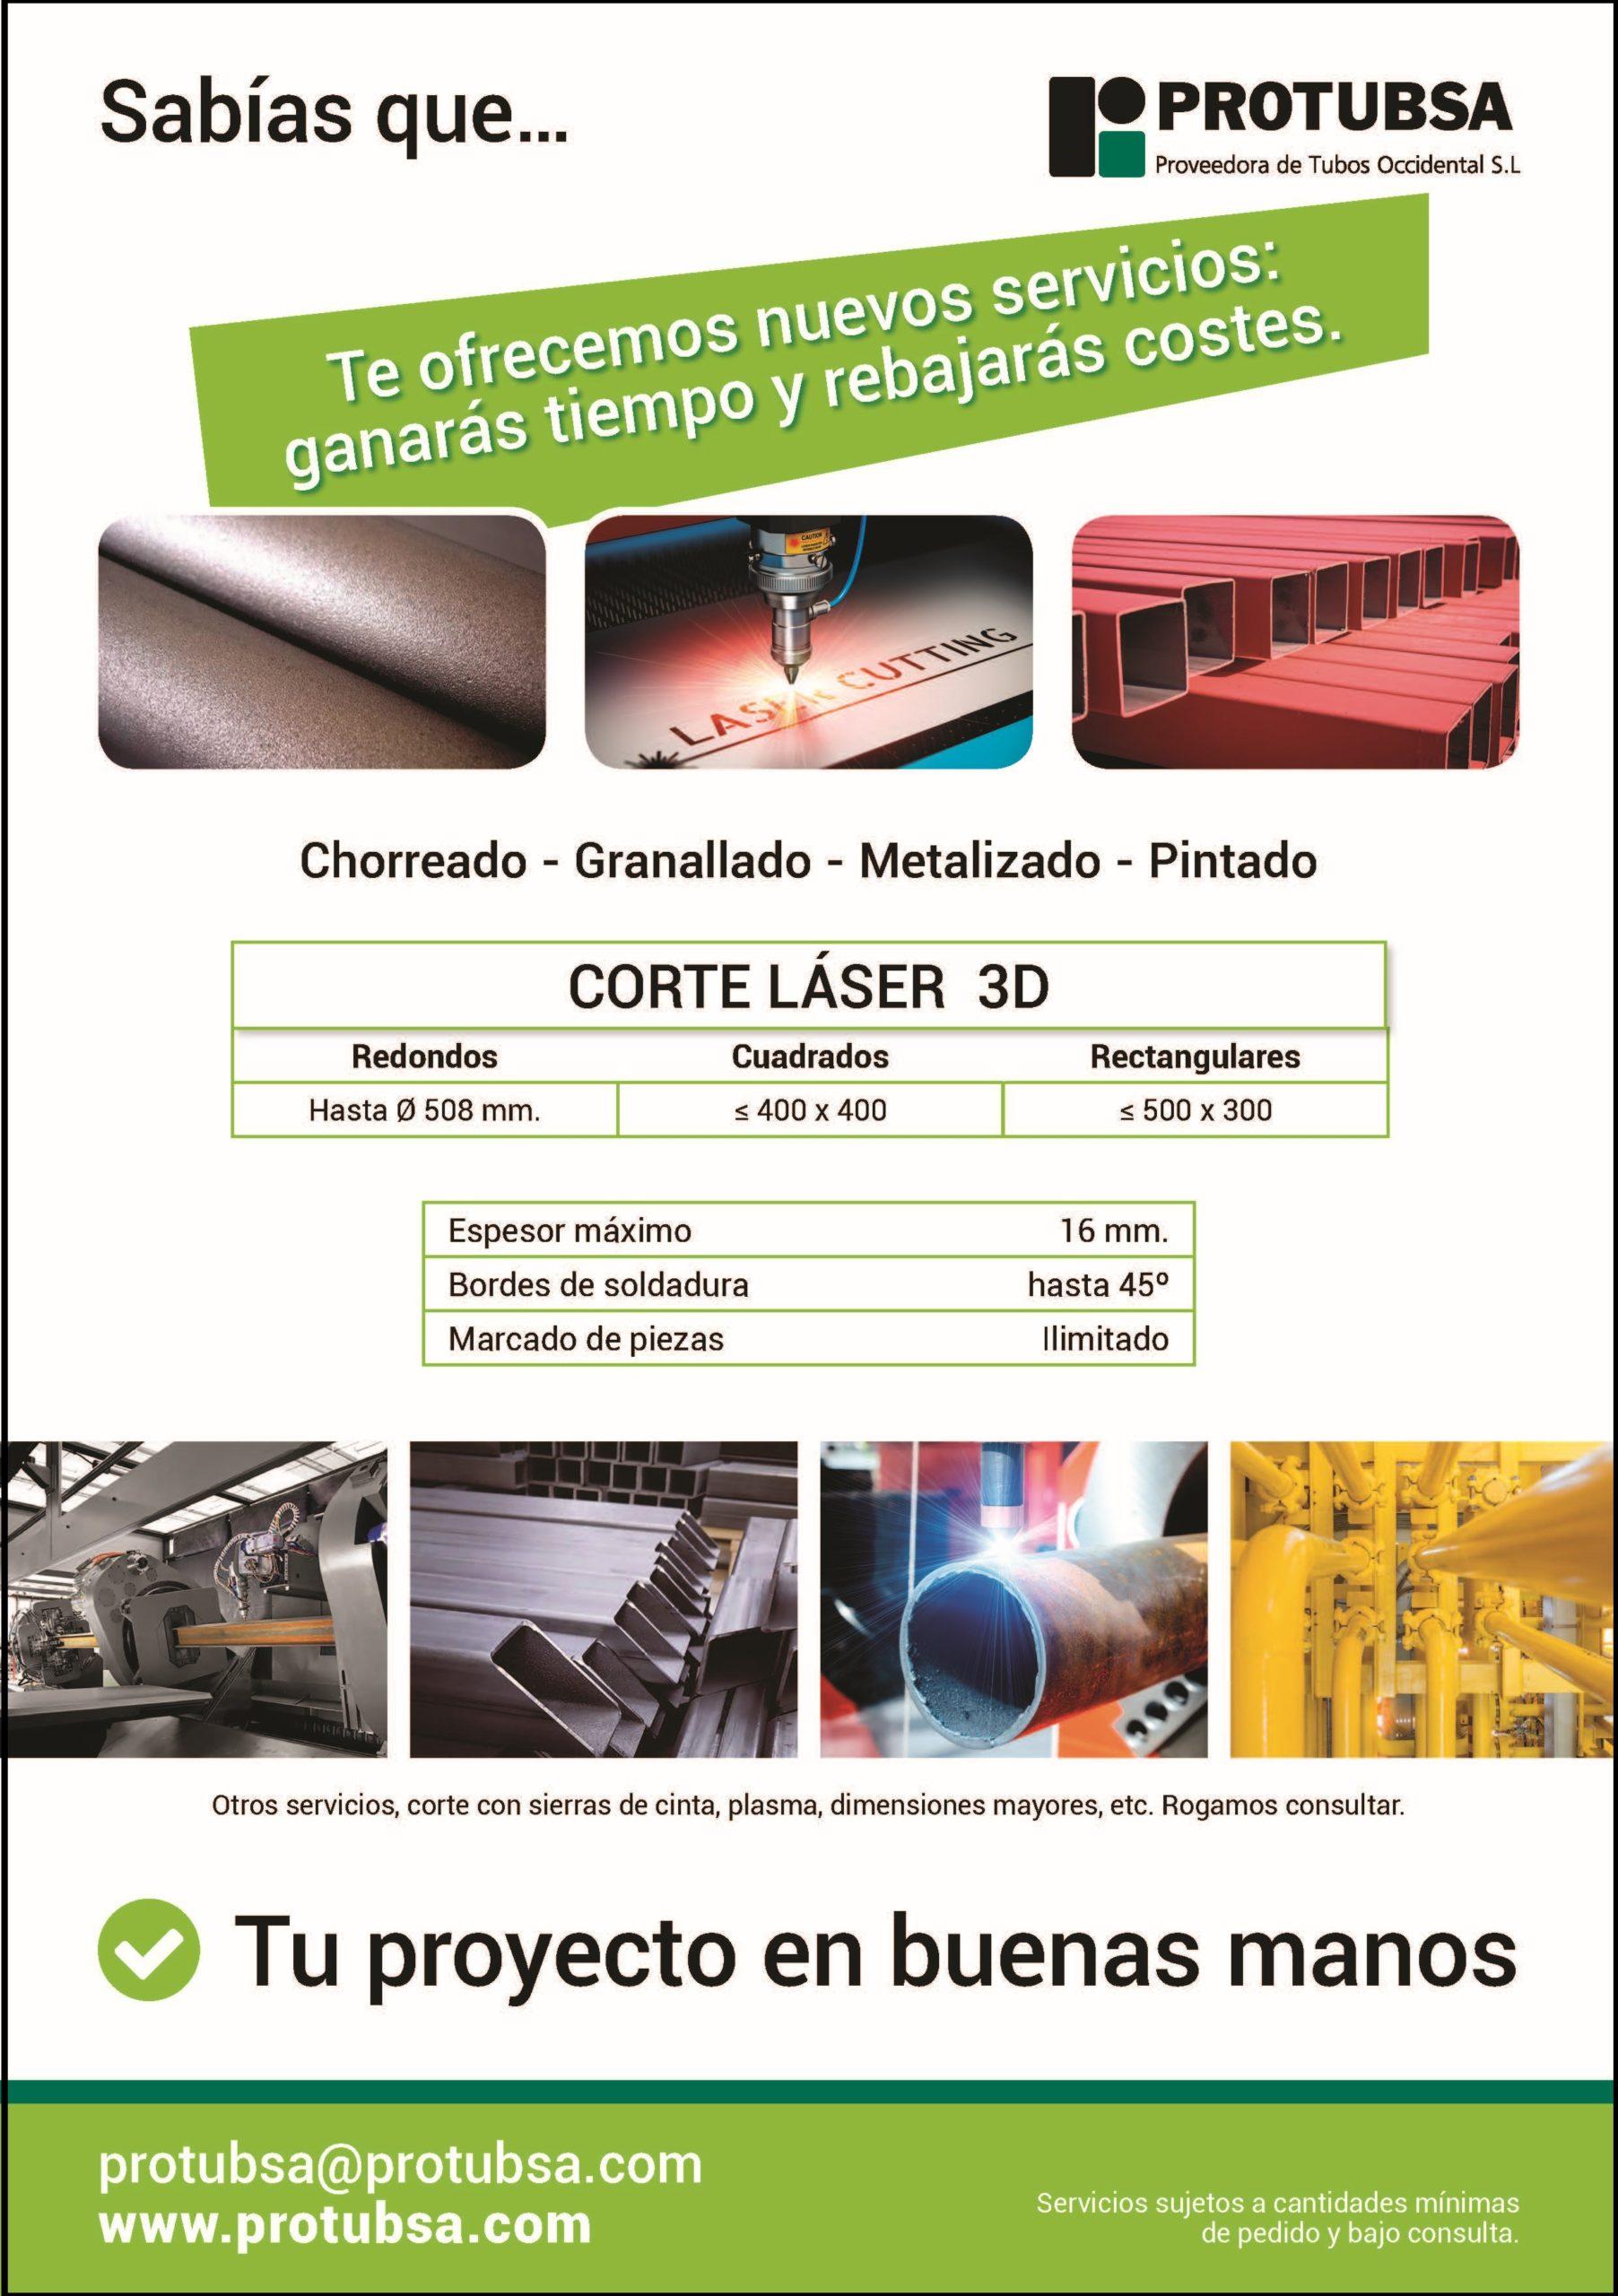 Corte Laser - Chorreado - Granallado - Metalizao - Pintado